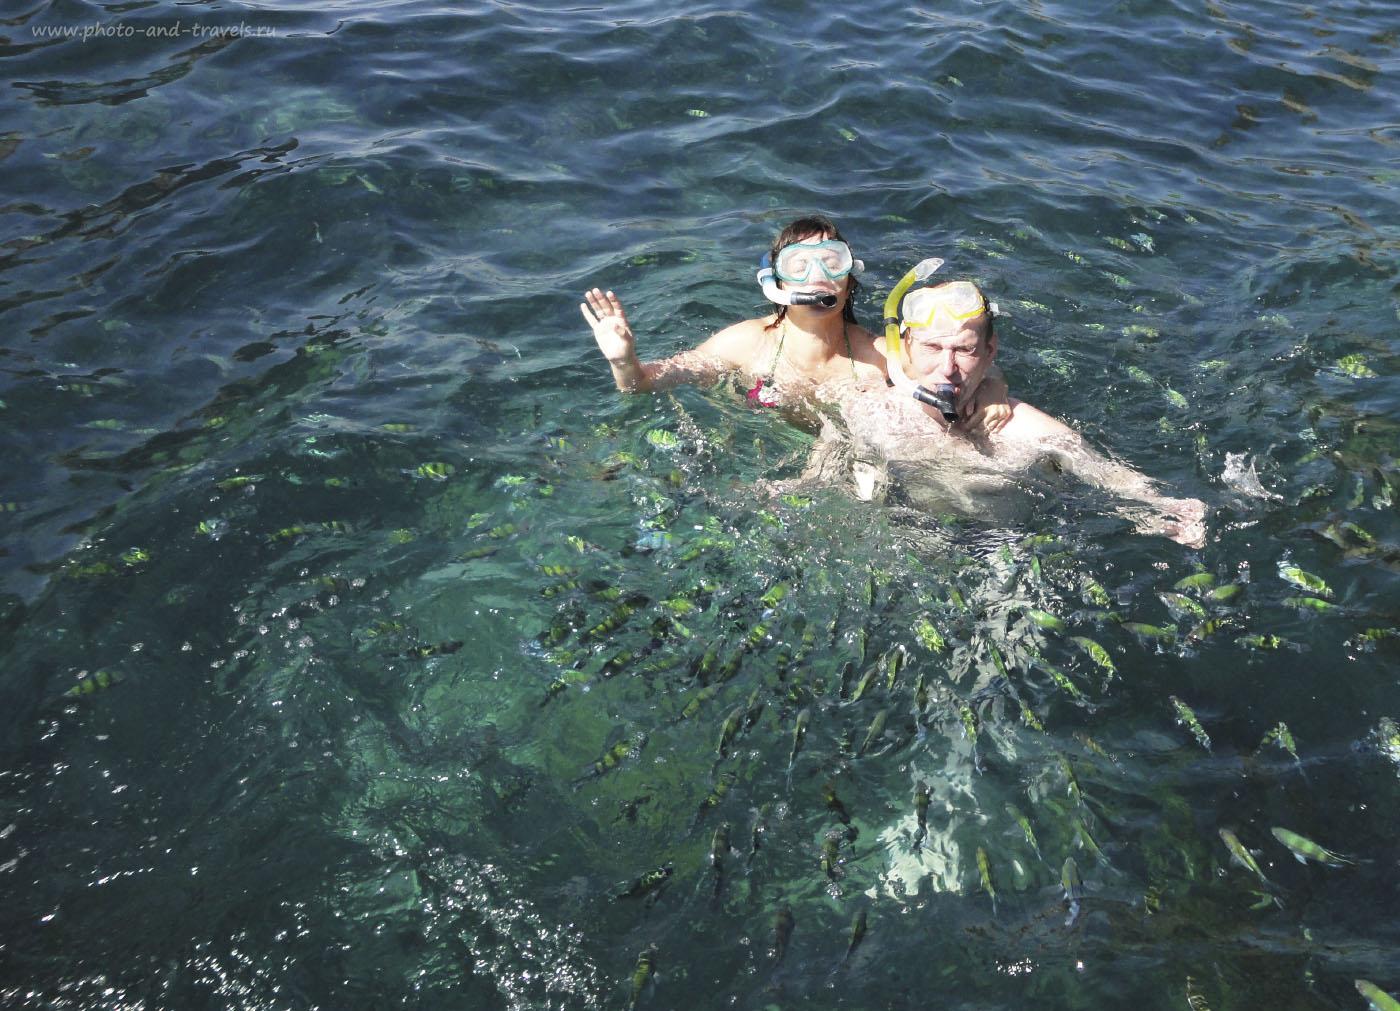 Фотография 3. Если вы приехали в Краби впервые, можно купить экскурсию на 4 острова. Увидите за один раз много красот. В другие дни, если стоит задача отдохнуть в Таиланде недорого, можно отправиться на остров Пода (Koh Poda). В отчете за 2015 год рассказал, как попасть в это райское место самостоятельно.